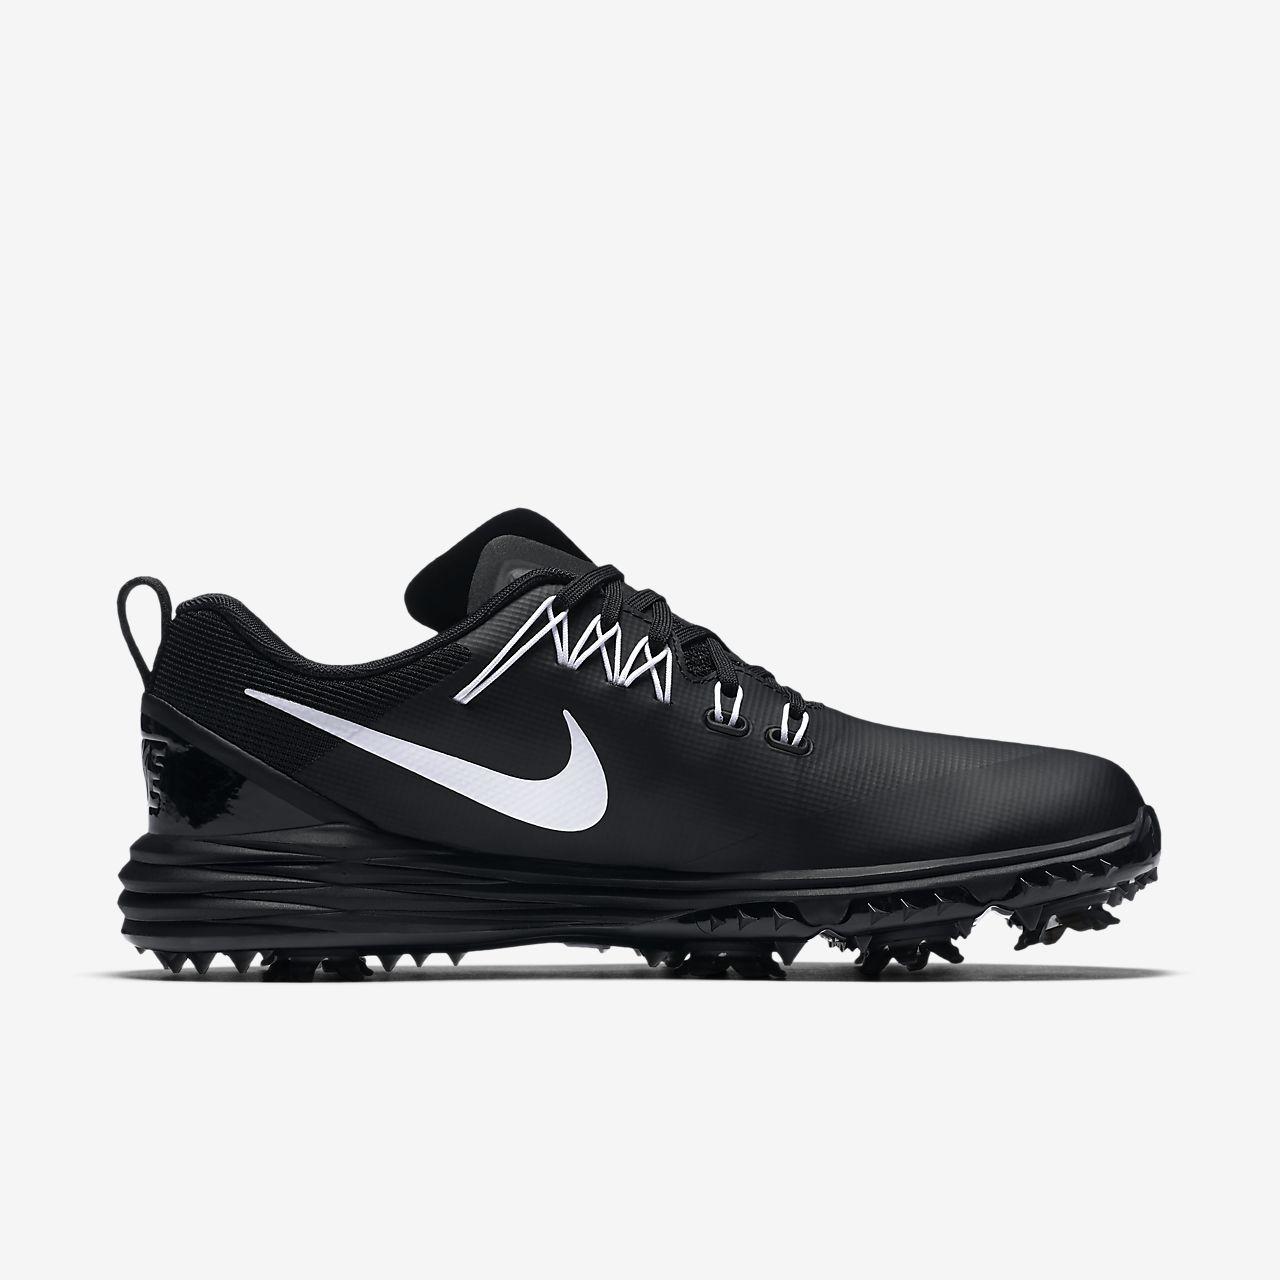 online retailer 3917f 36daa ... Chaussure de golf Nike Lunar Command 2 pour Femme